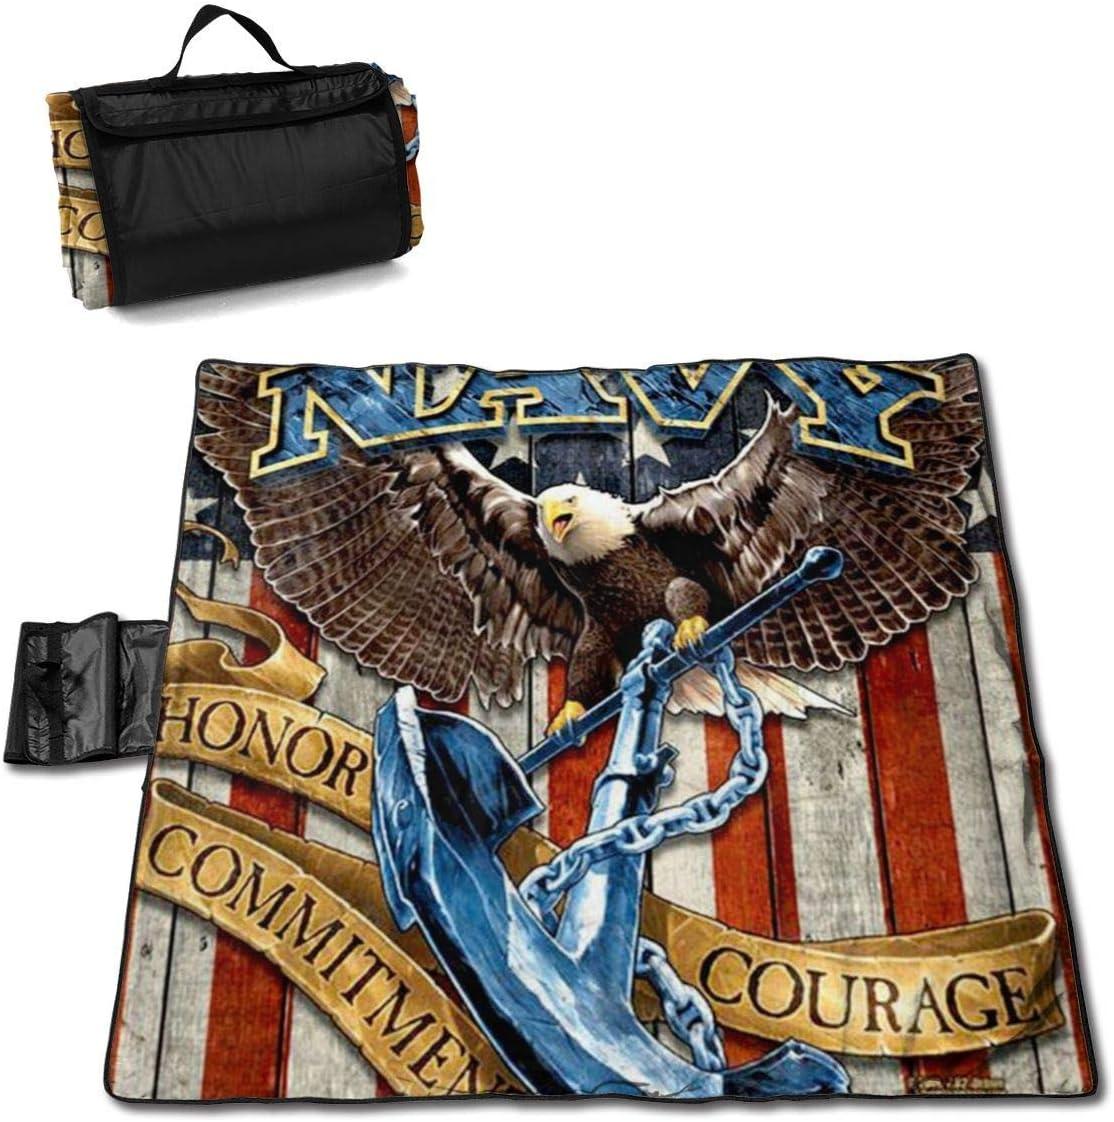 Manta de Picnic Manta de águila de la Marina de los Estados Unidos Manta de Playa portátil Americana Estera de Picnic para Viajes Camping Senderismo Pesca